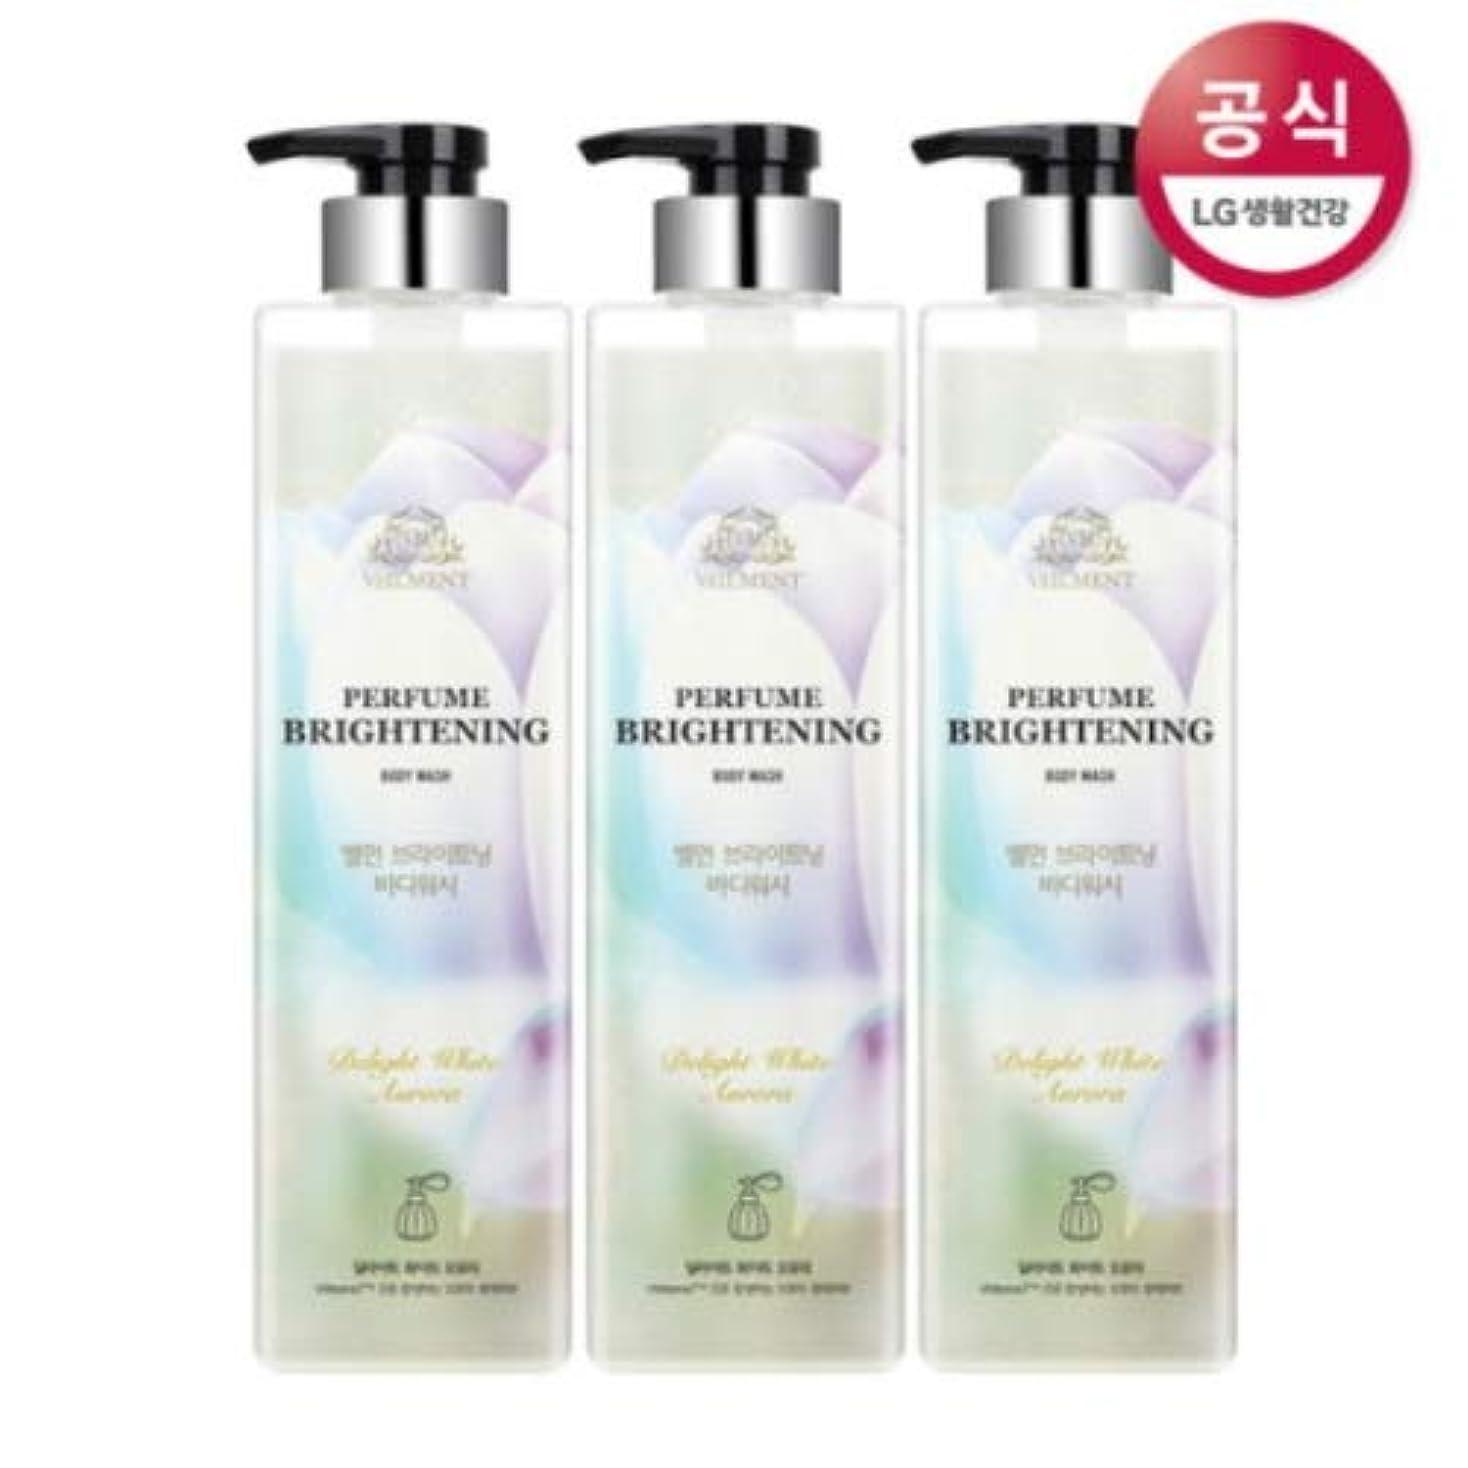 震える泣き叫ぶピアース[LG HnB] On the Body Belman Perfume Brightening Body Wash / オンザボディベルモンパフュームブライトニングボディウォッシュ680mlx3個(海外直送品)